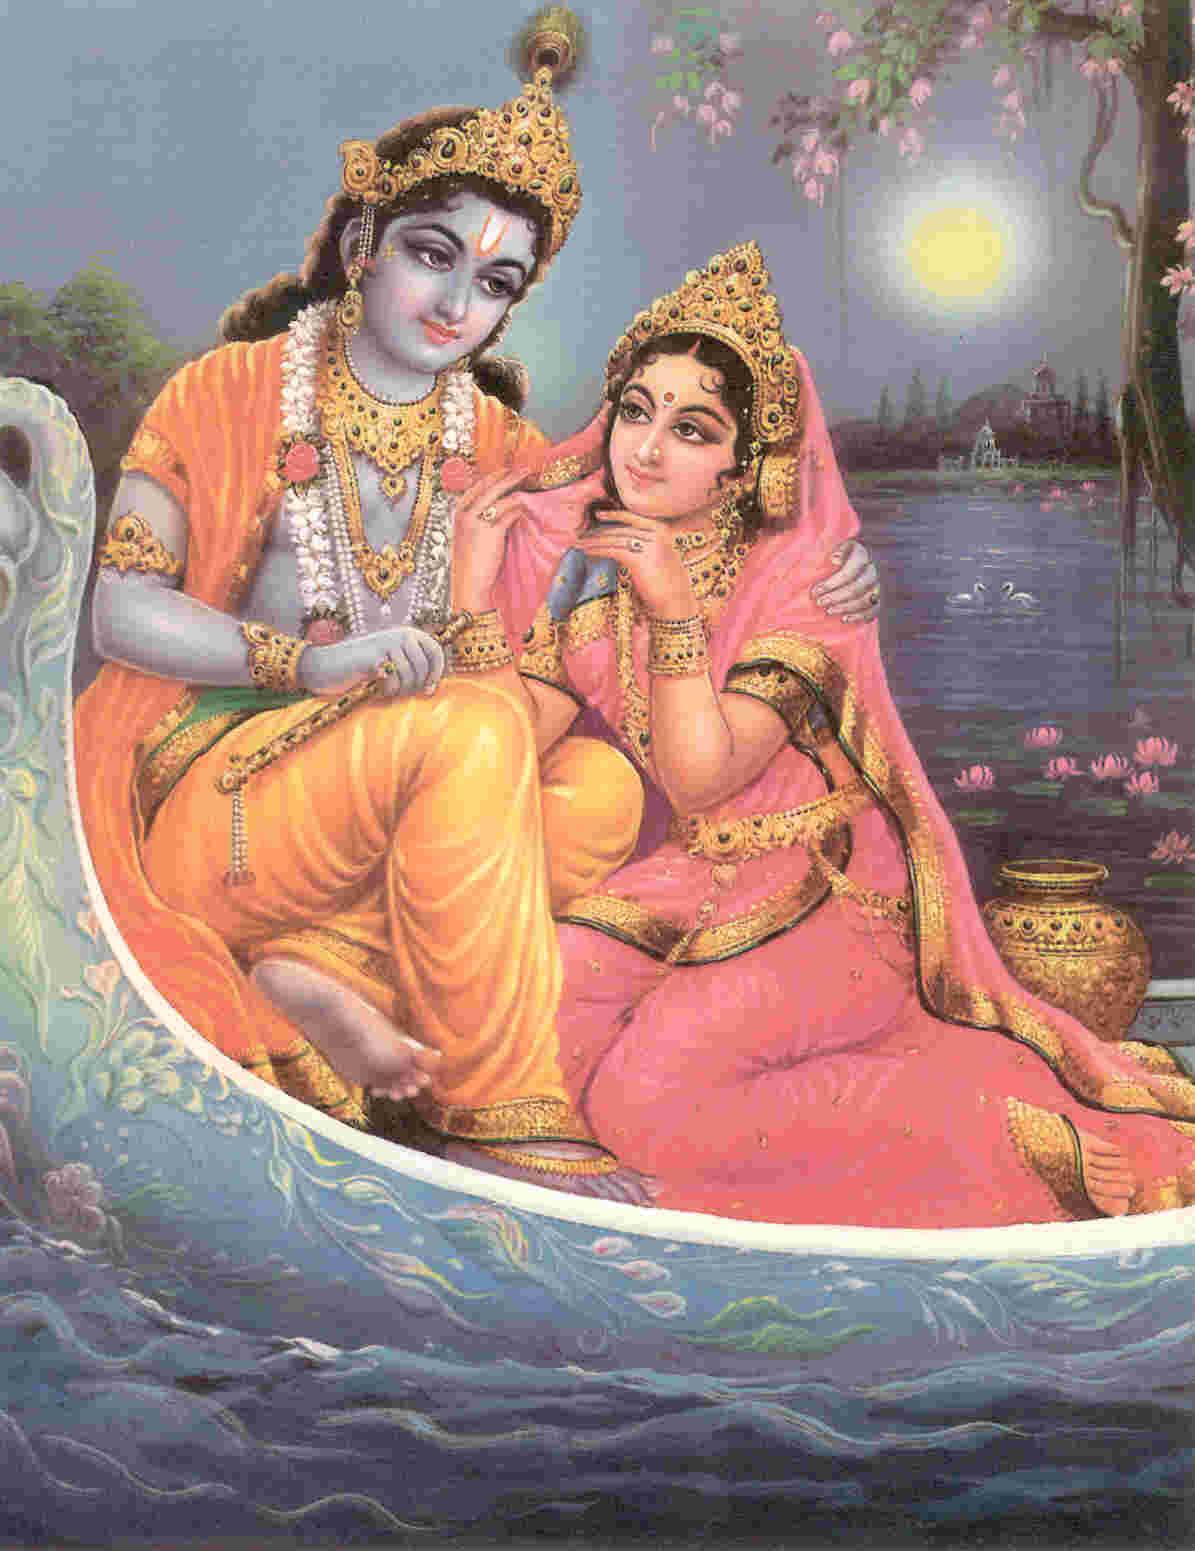 Radha Krishna Ji Taglist Page 1 - Krishna